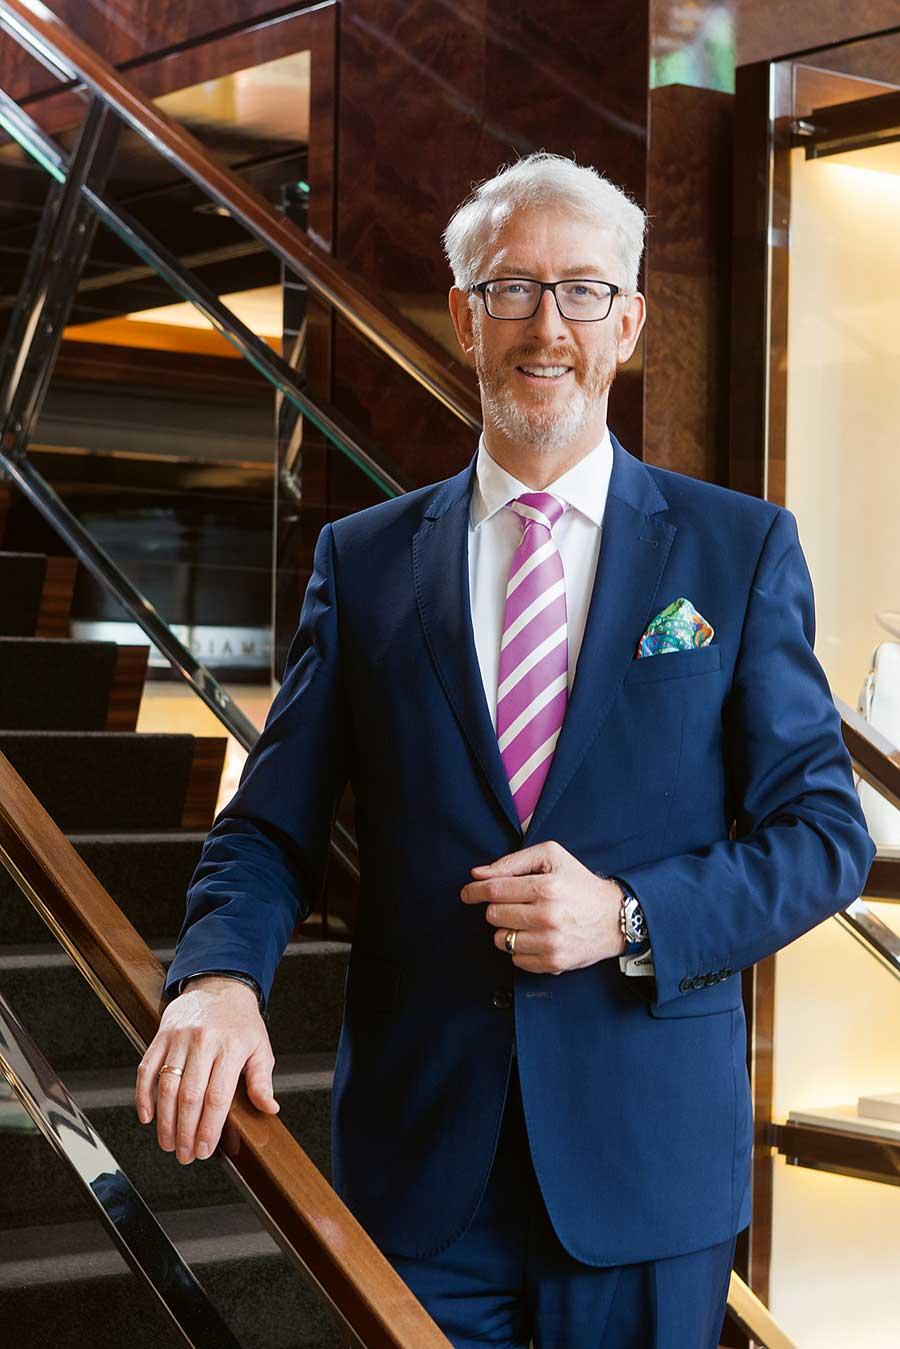 Juwelier Georg Leicht Interview